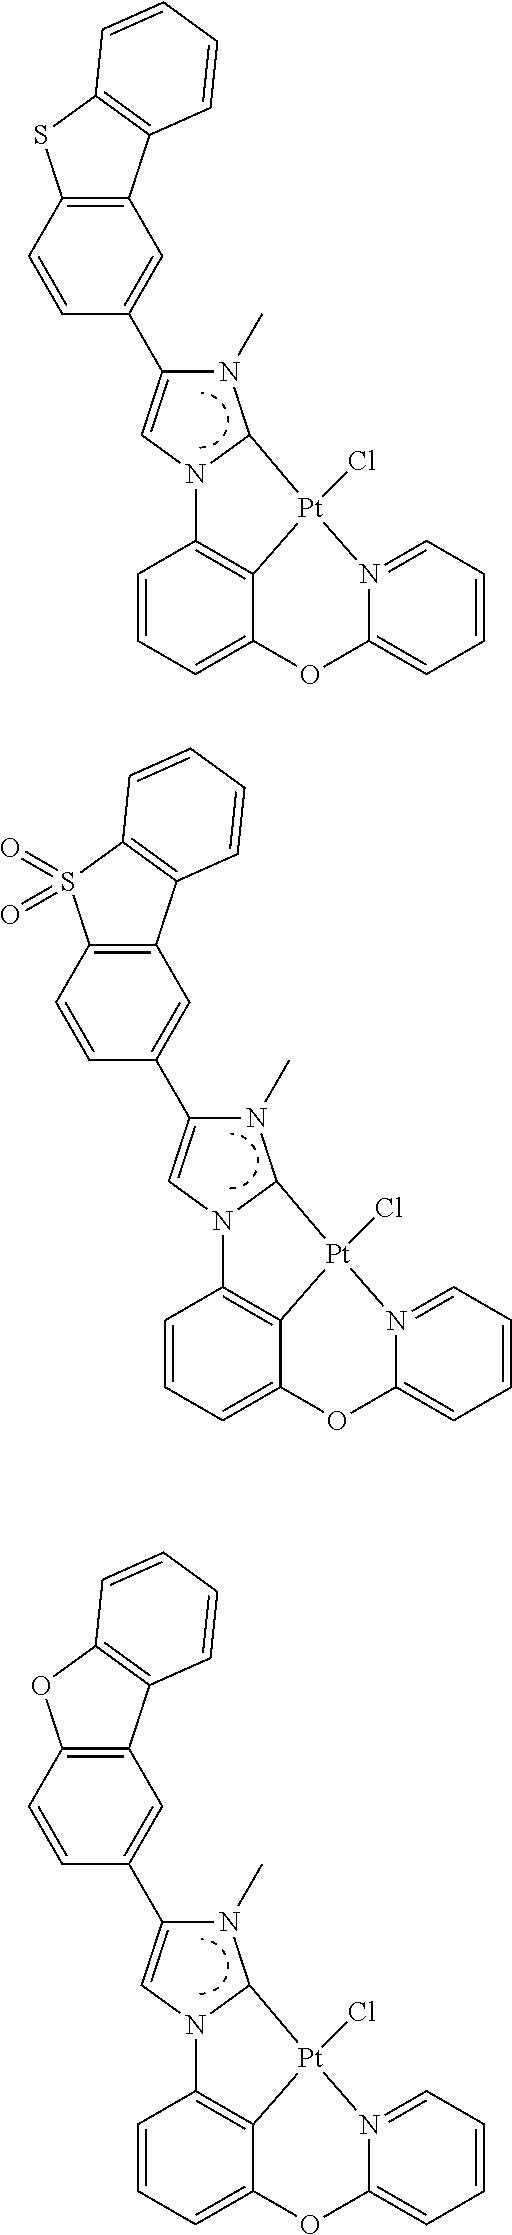 Figure US09818959-20171114-C00518